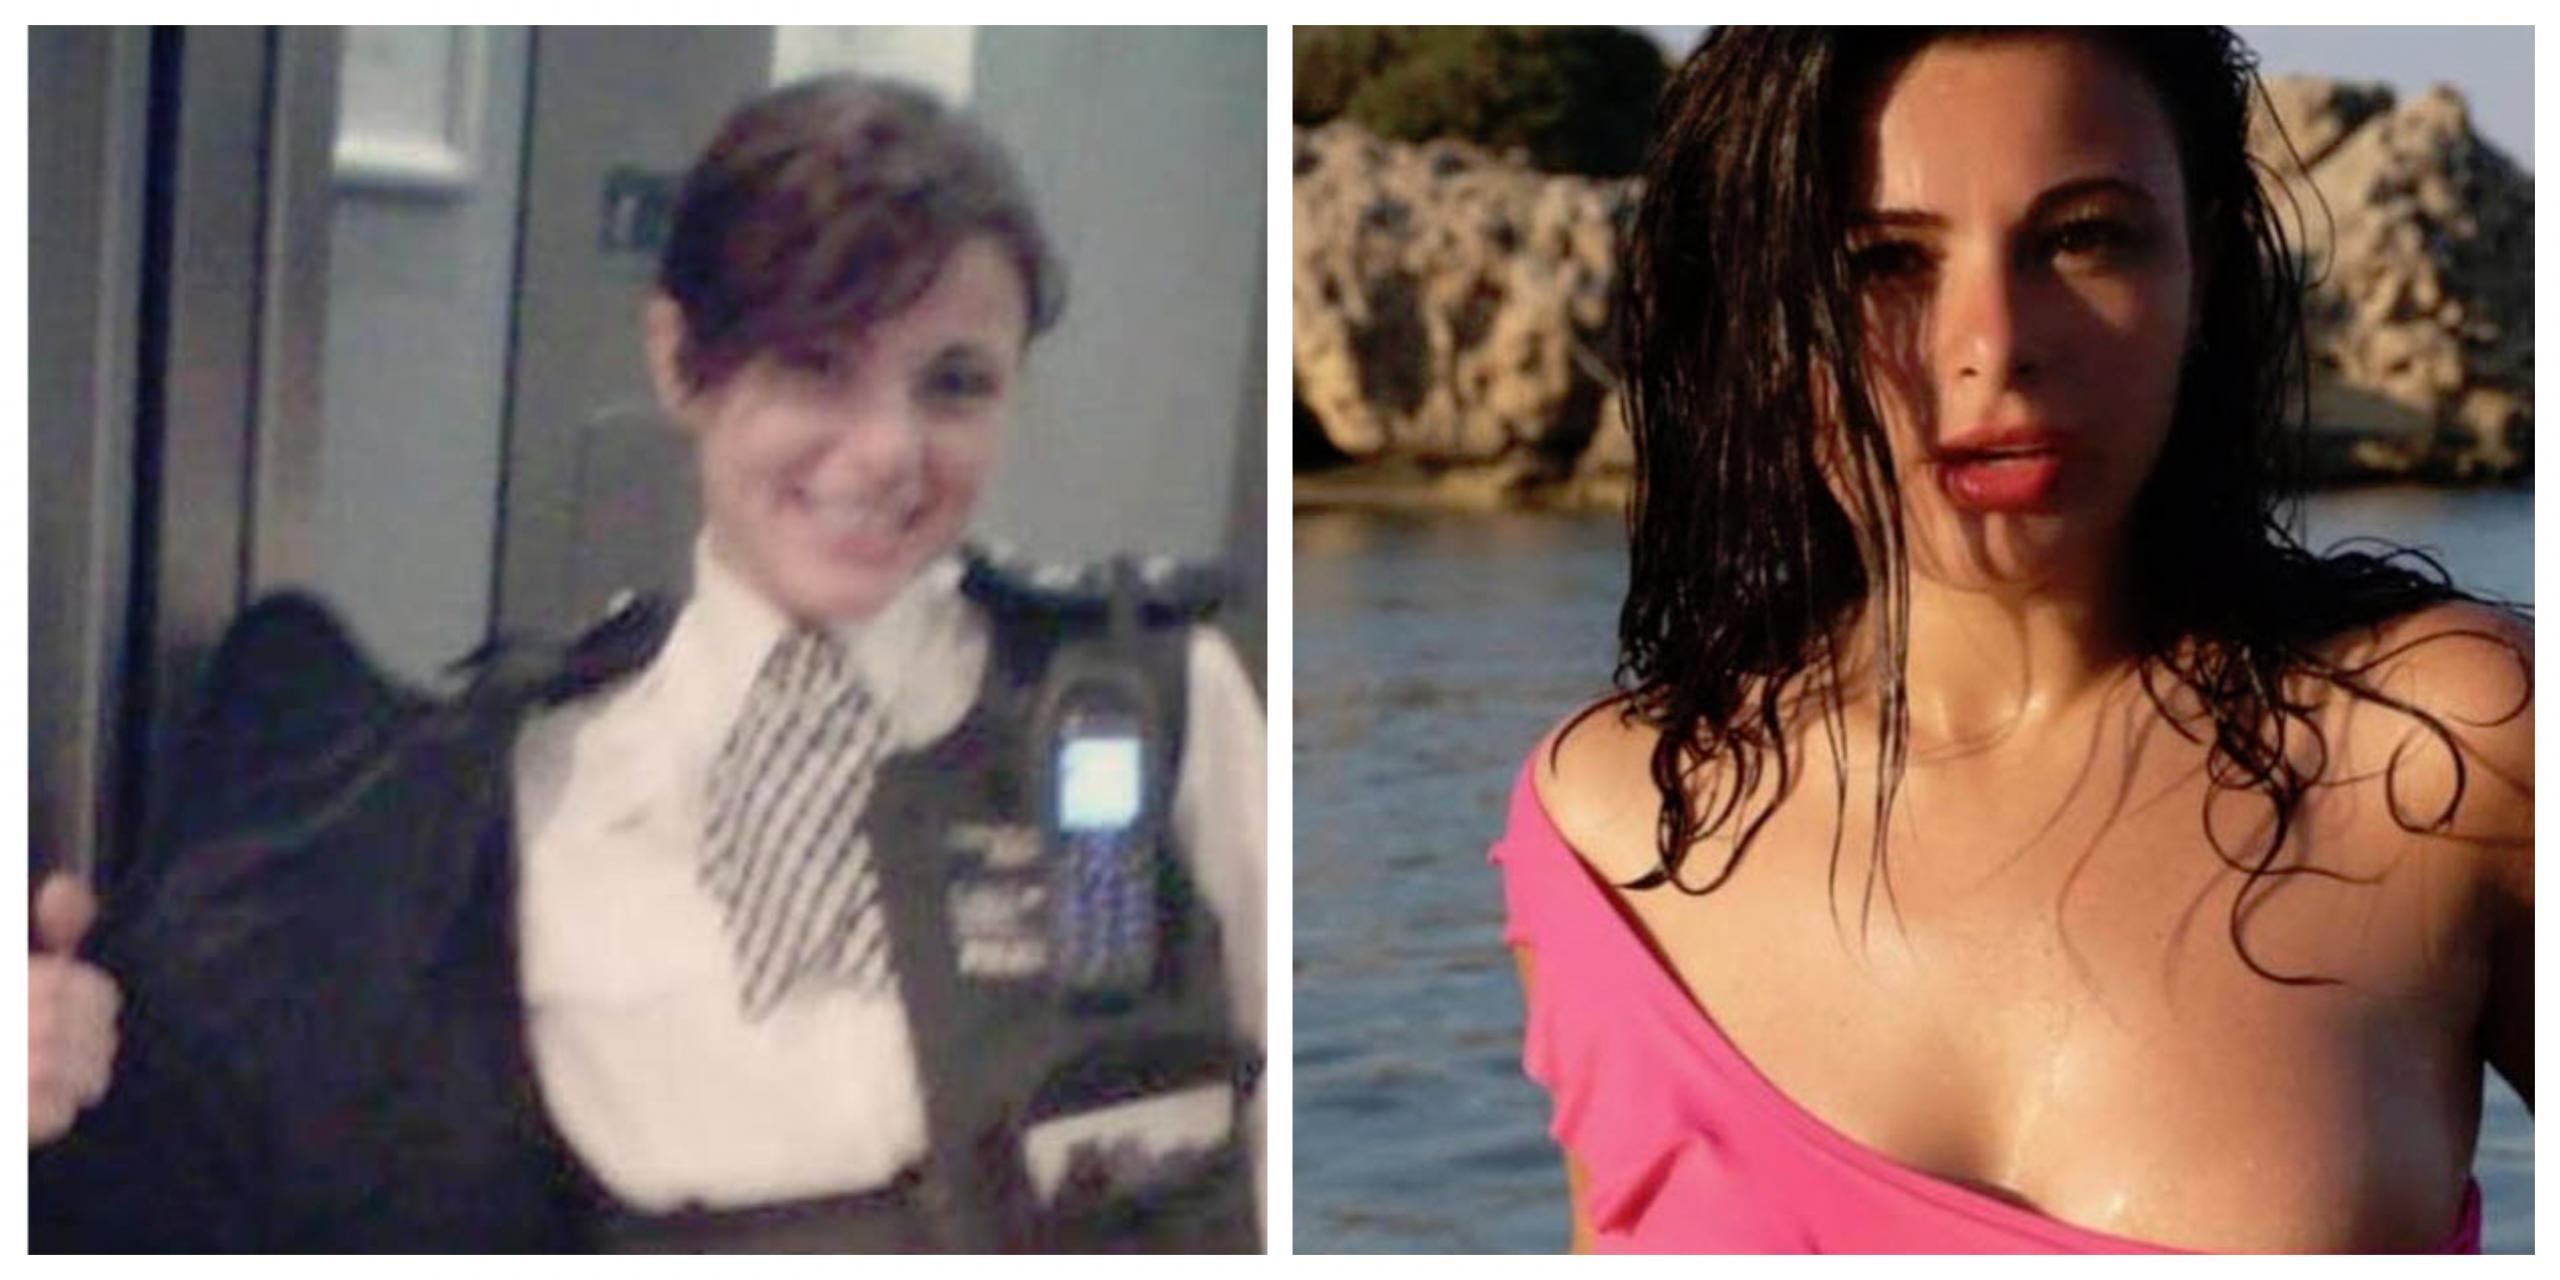 Vesela policistka: v uniformi in ... na morju